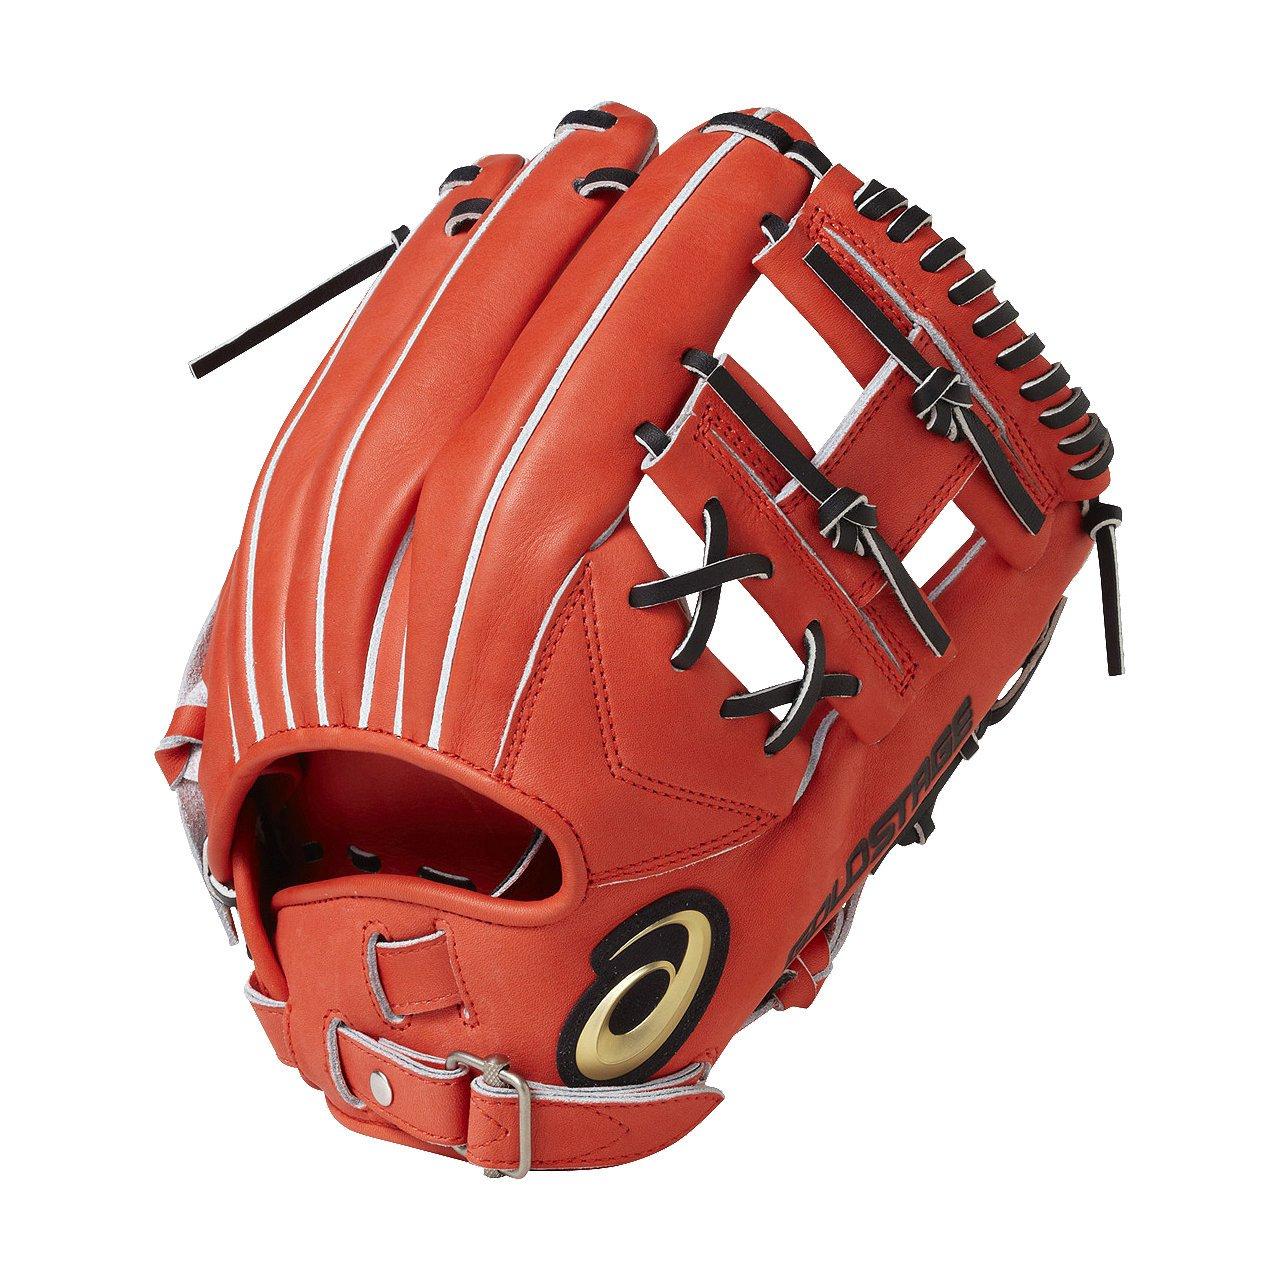 贅沢品 asics(アシックス) 硬式 野球 グローブ 内野手 右投げ LH 一般 内野手 一般 グローブ ゴールドステージ スピードアクセル BGHGTS B078ZFH3QS Rオレンジ, DEAR-stoa:6edf3709 --- a0267596.xsph.ru